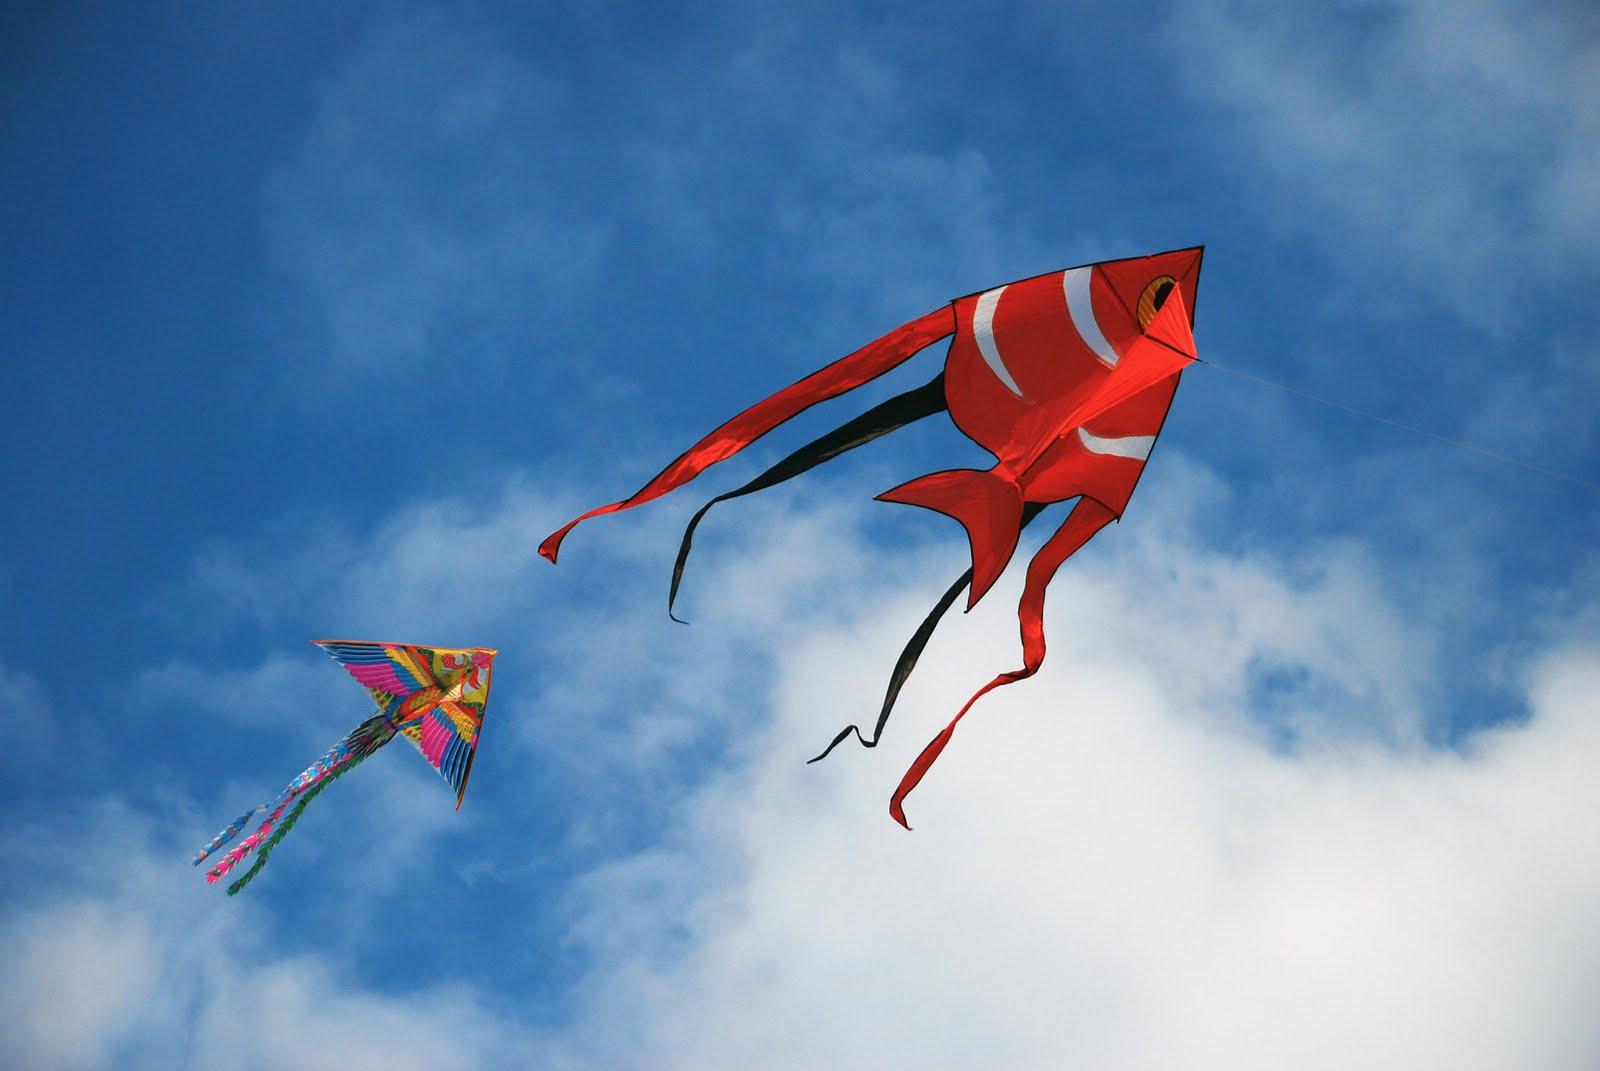 Nobody Kite Flying